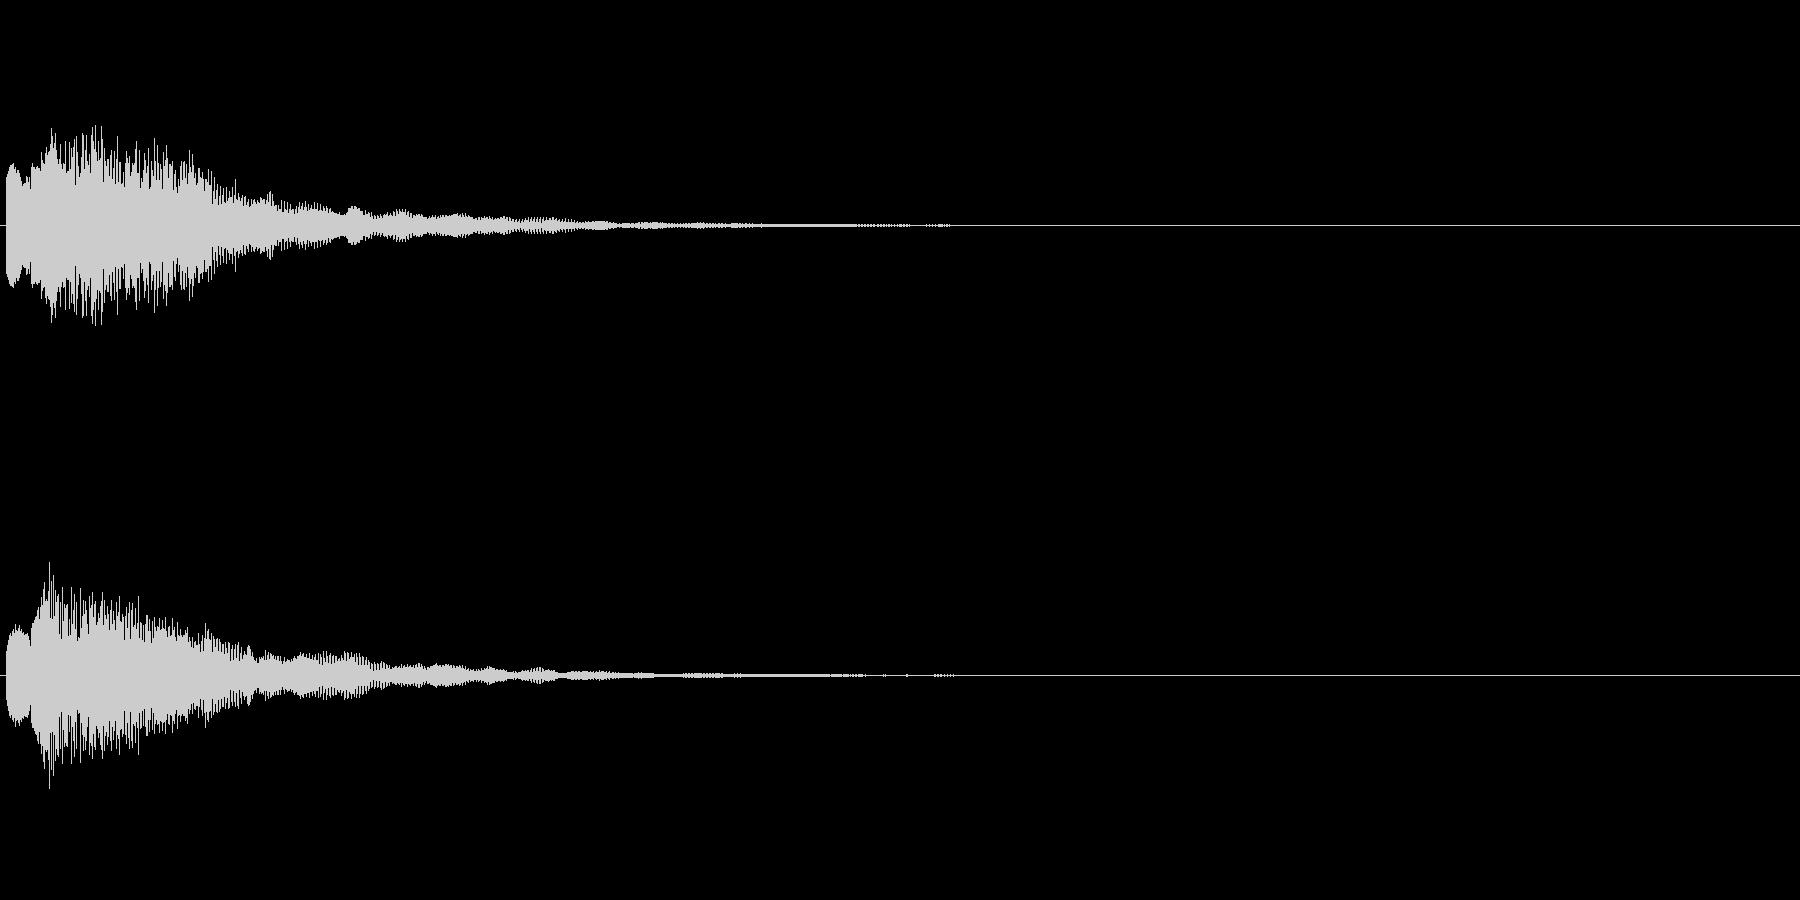 スイッチ ニュース ゲーム 電子音 の未再生の波形